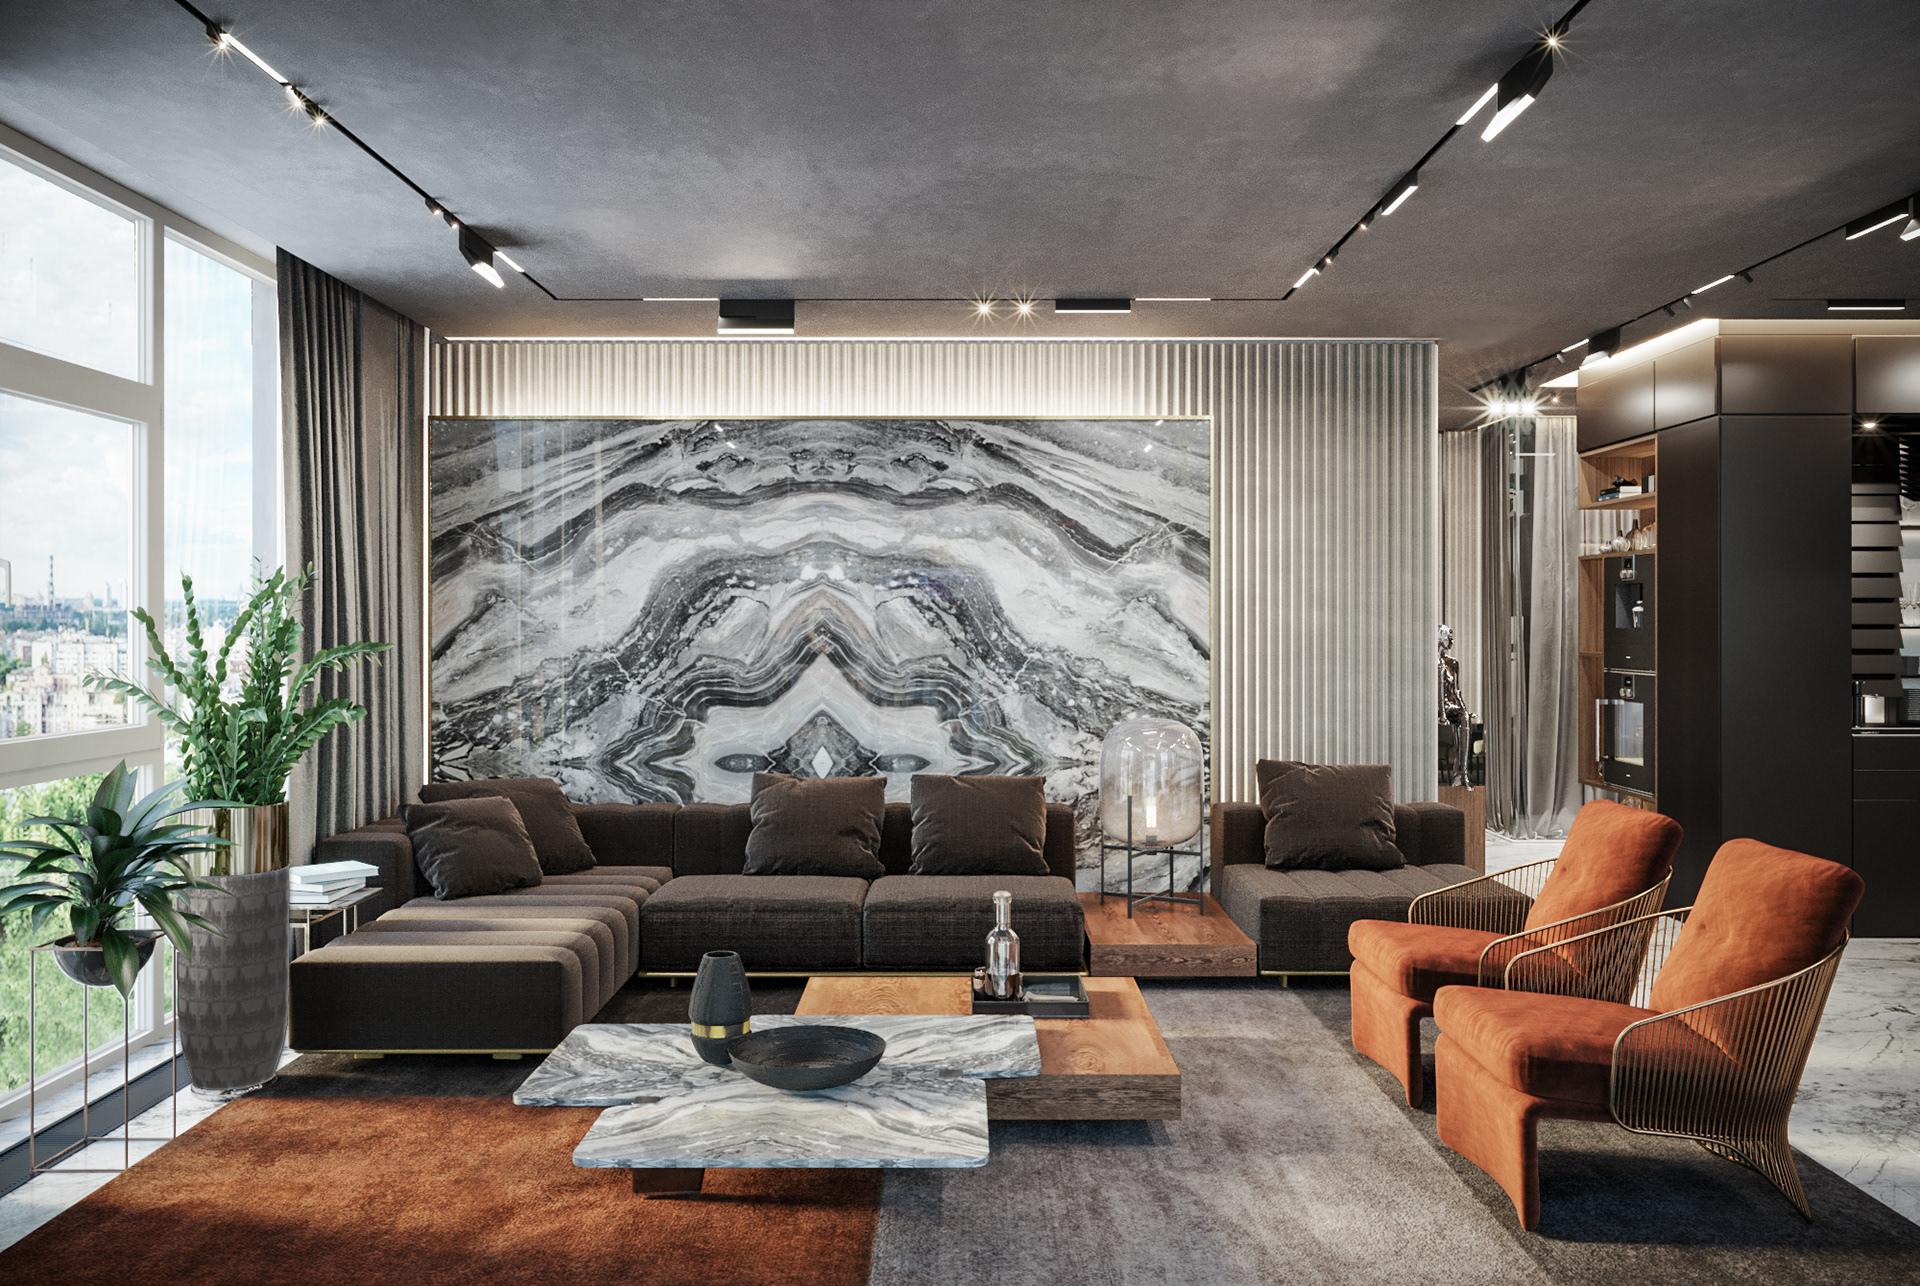 Thiết kế nội thất phong cách Luxury tinh tế và sắc sảo